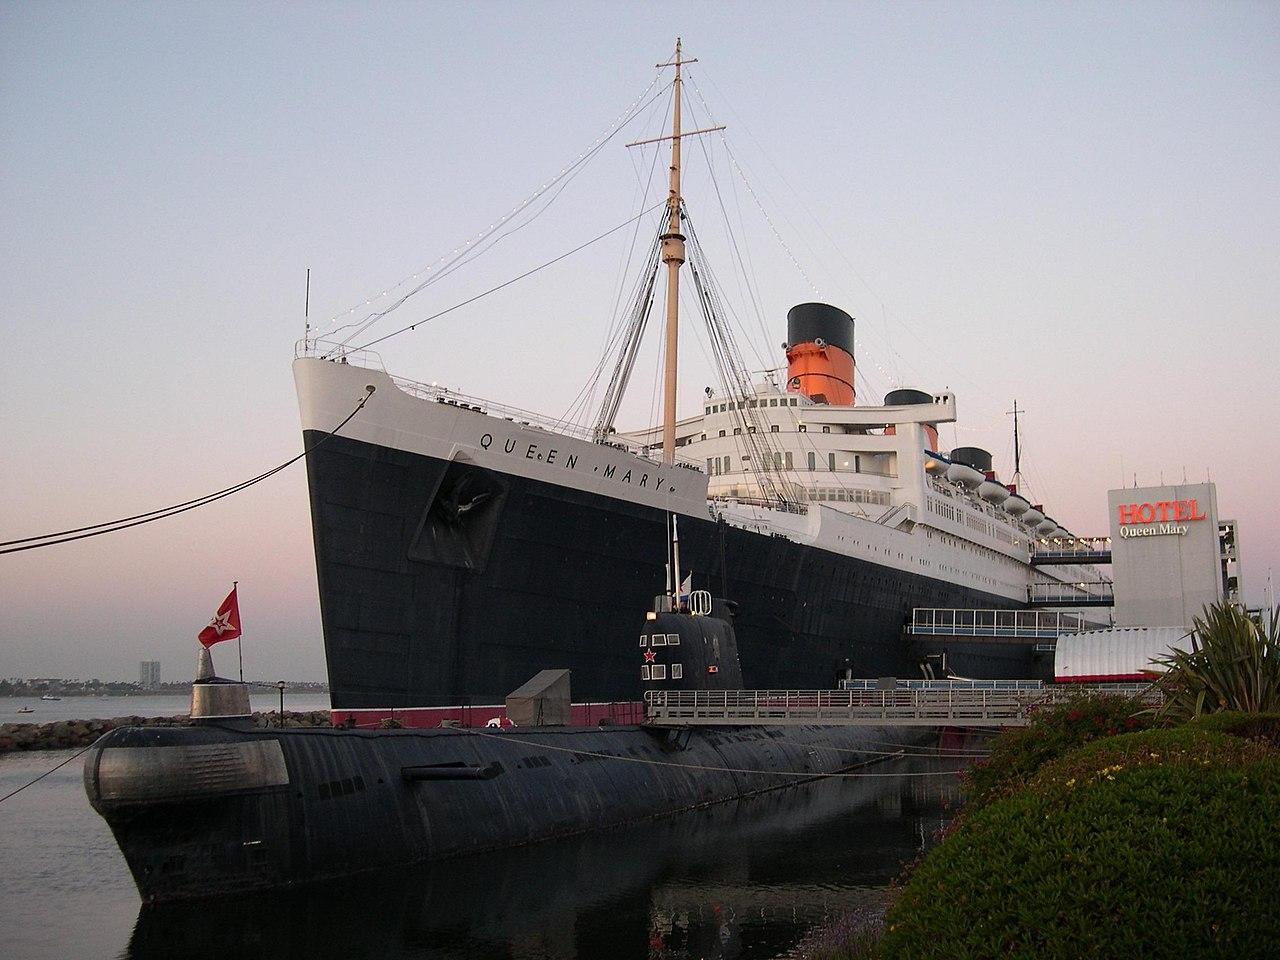 Queen Mary Long Beach Webcam